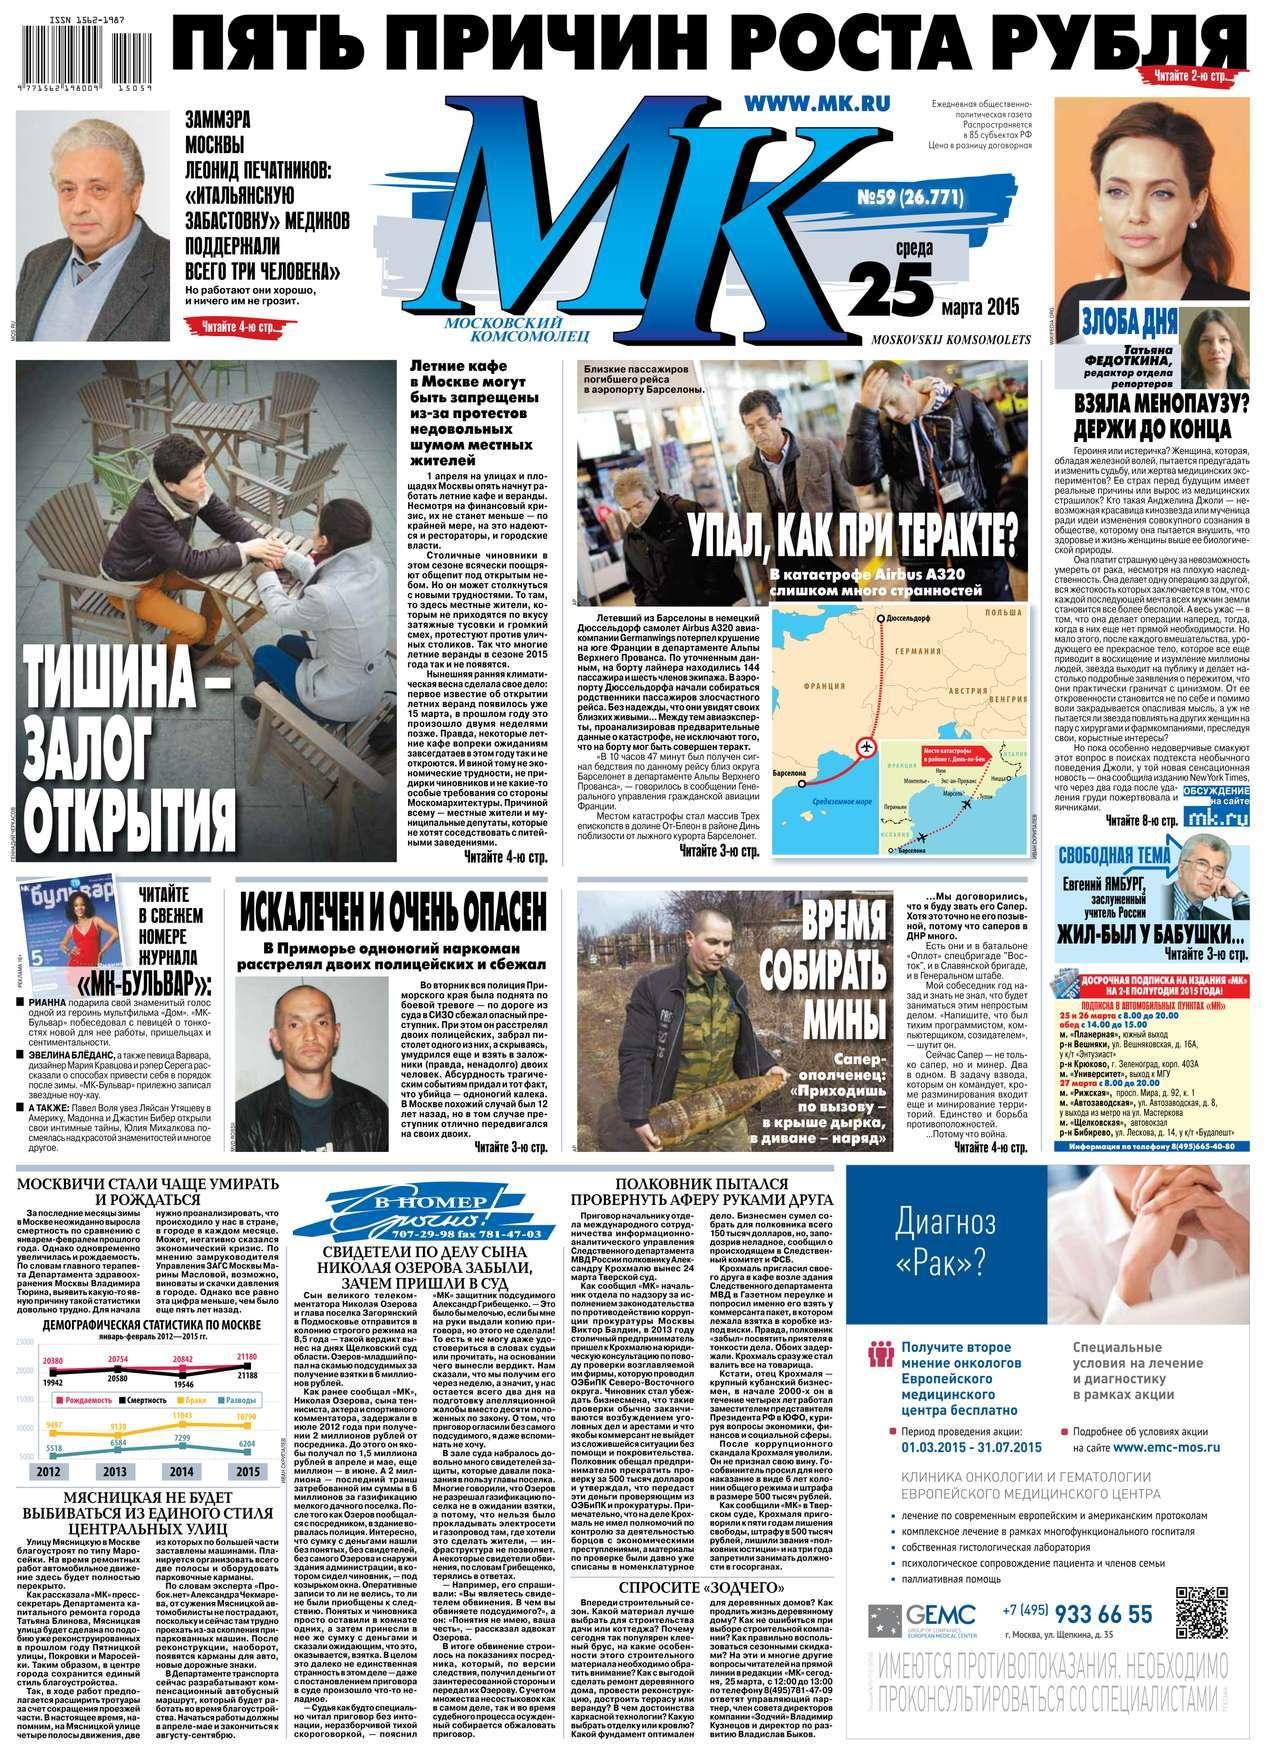 Редакция газеты МК Московский комсомолец МК Московский комсомолец 59-2015 крот истории